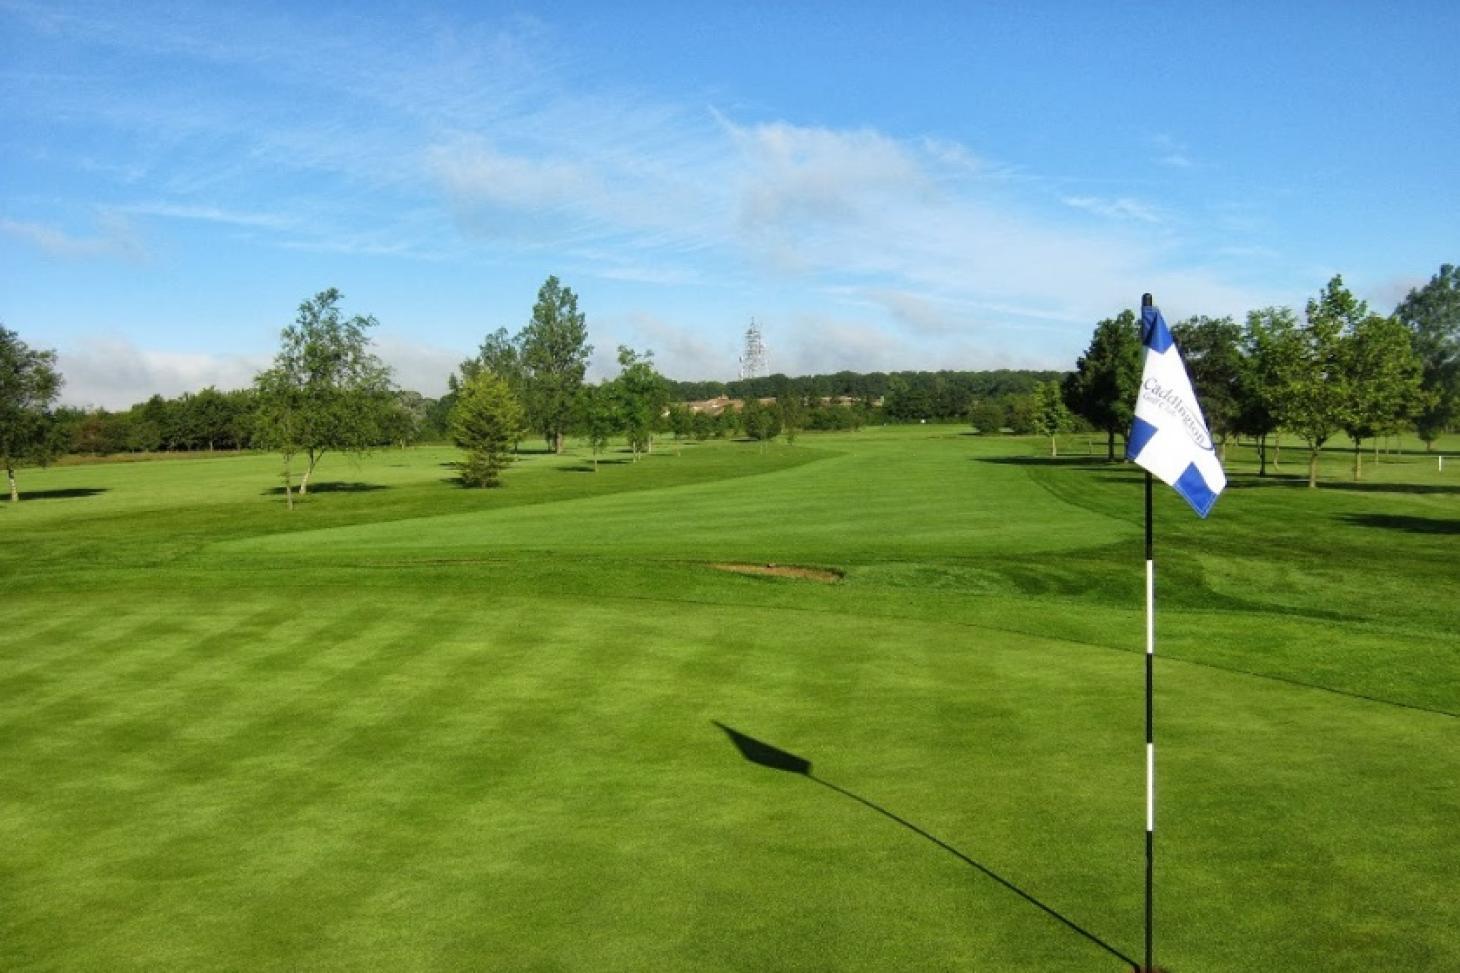 Caddington Golf Club 18 hole golf course